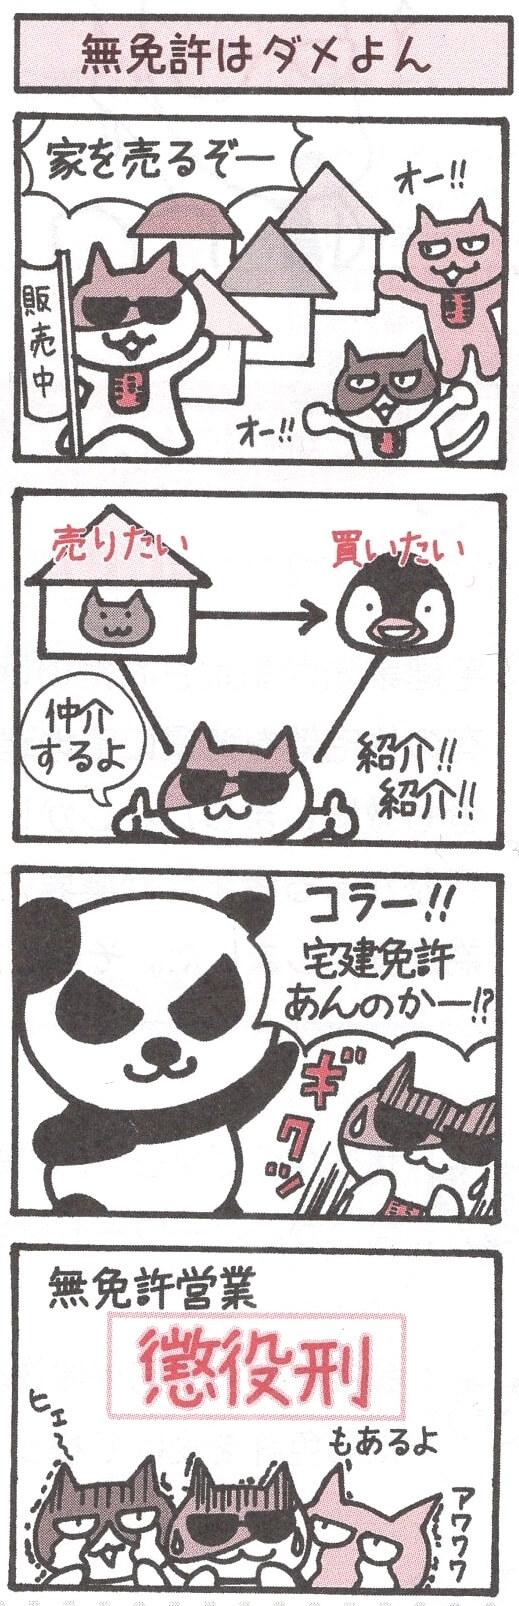 『合格しようぜ!宅建士』4コマ漫画